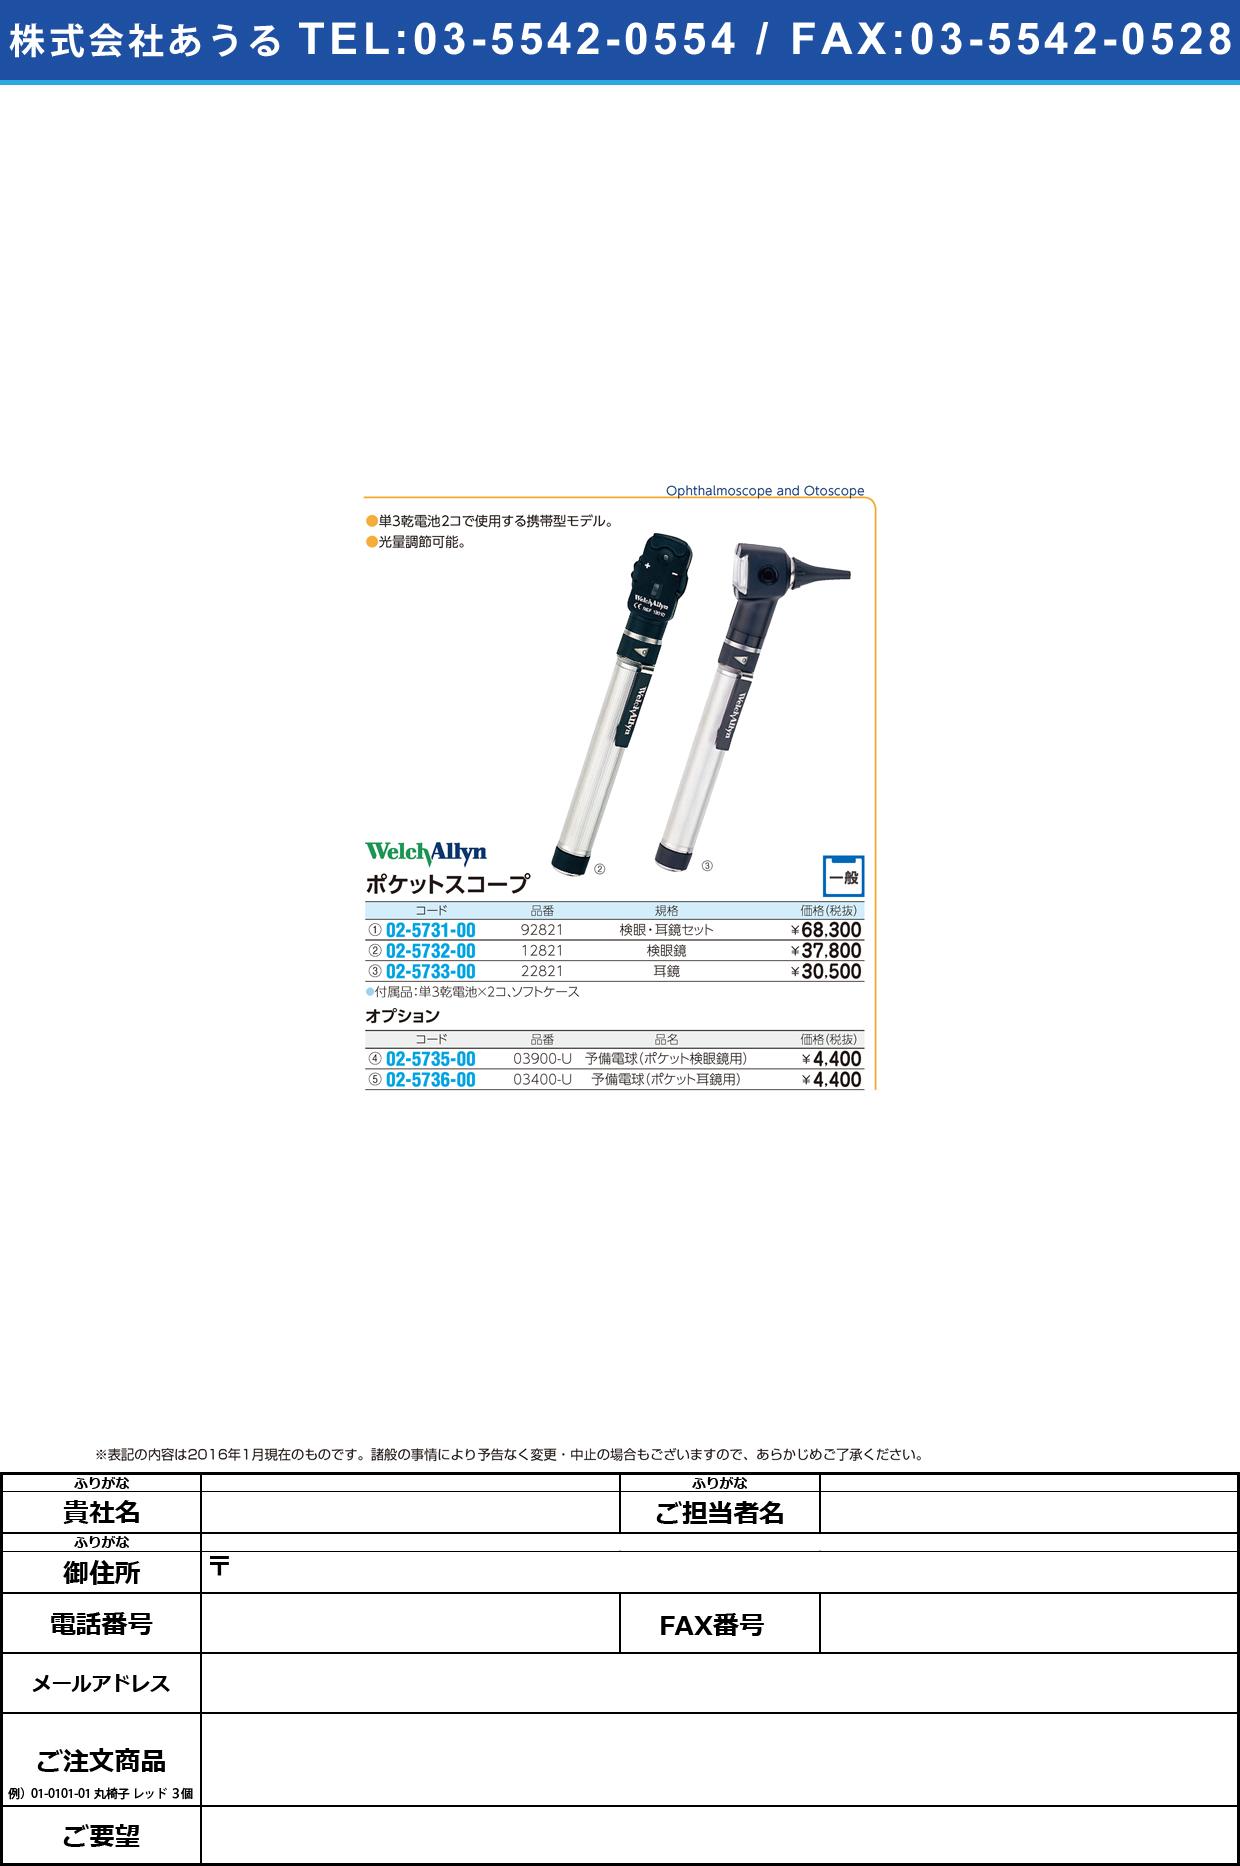 予備電球2.5Vハロゲンポケット耳鏡 デンキュウ2.5Vハロゲンポケット 03400-U【1個単位】(02-5736-00)